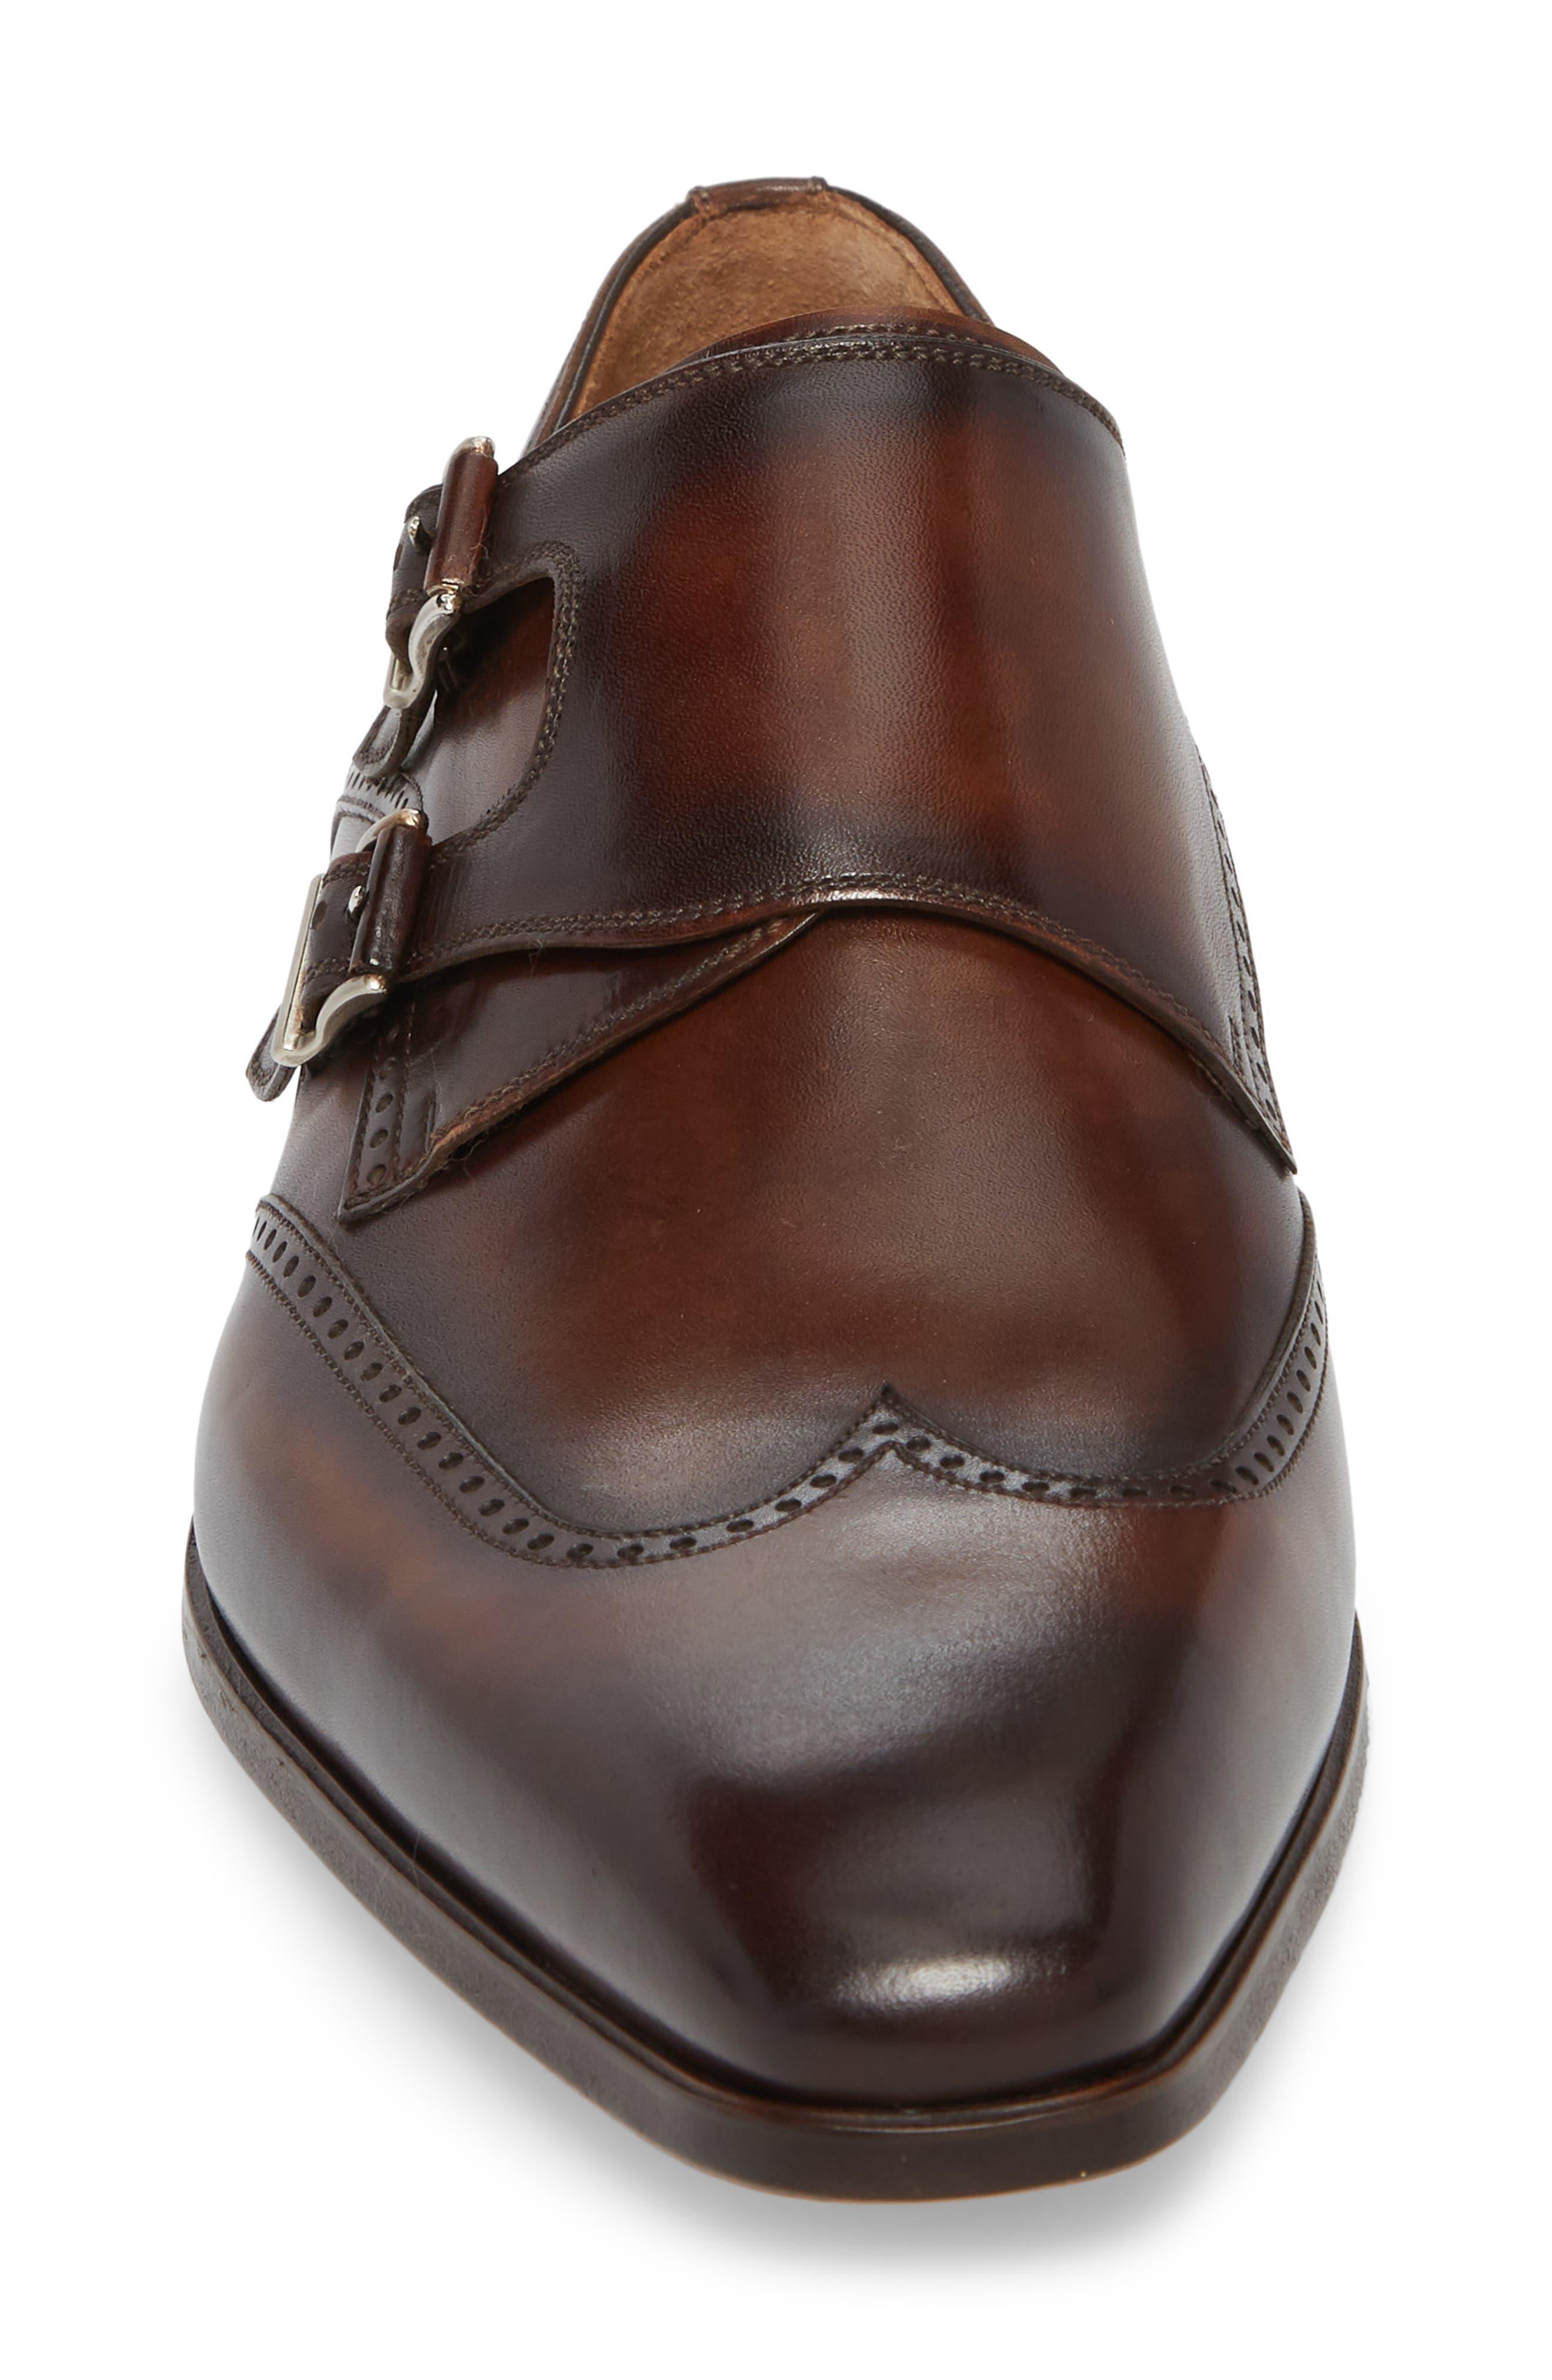 Dixon Wingtip Double Strap Monk Shoe,                             Alternate thumbnail 4, color,                             Tobacco Leather